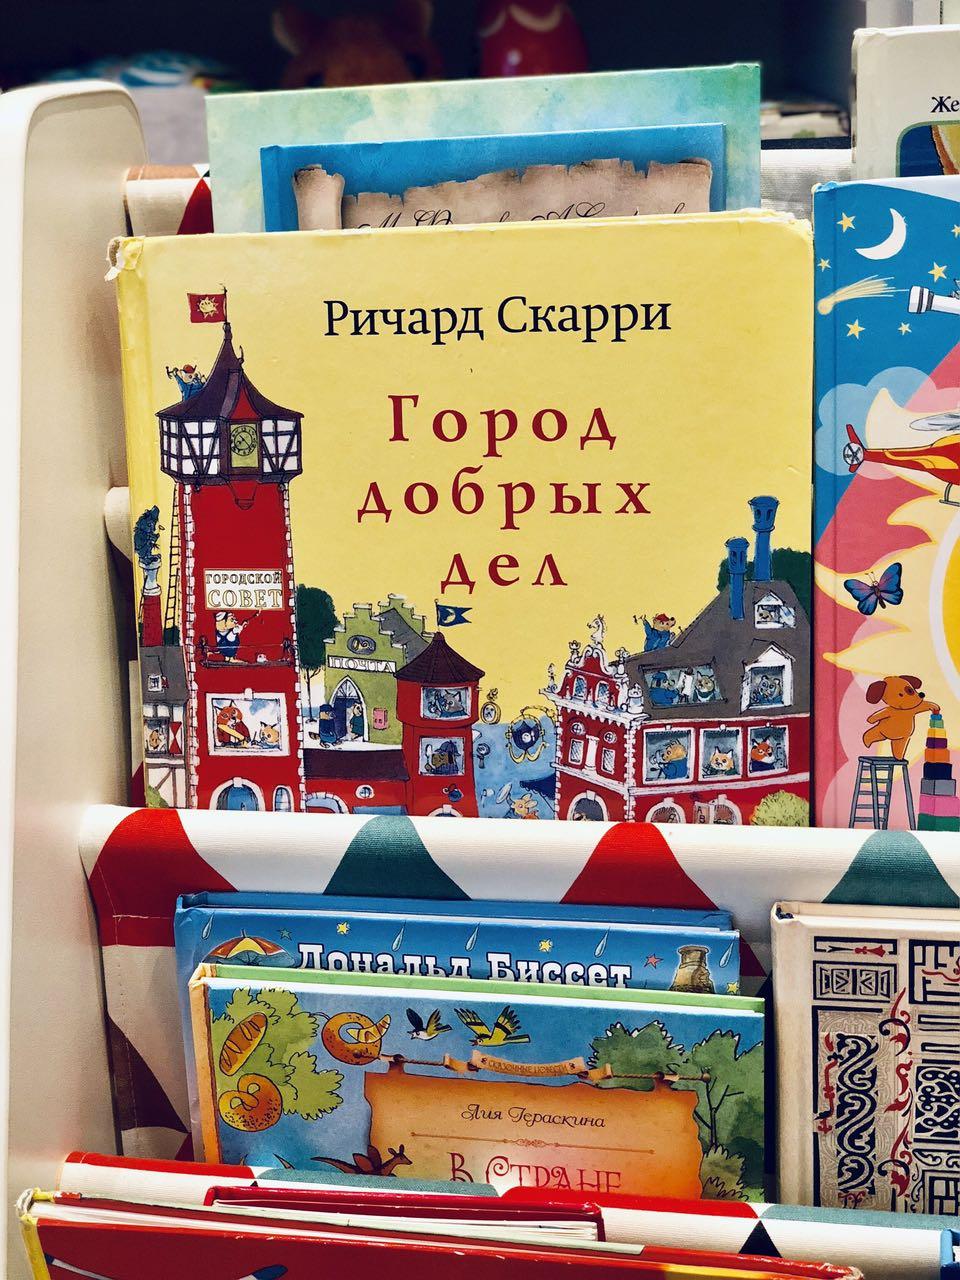 Книга Ричарда Скарри «Город добрых дел»